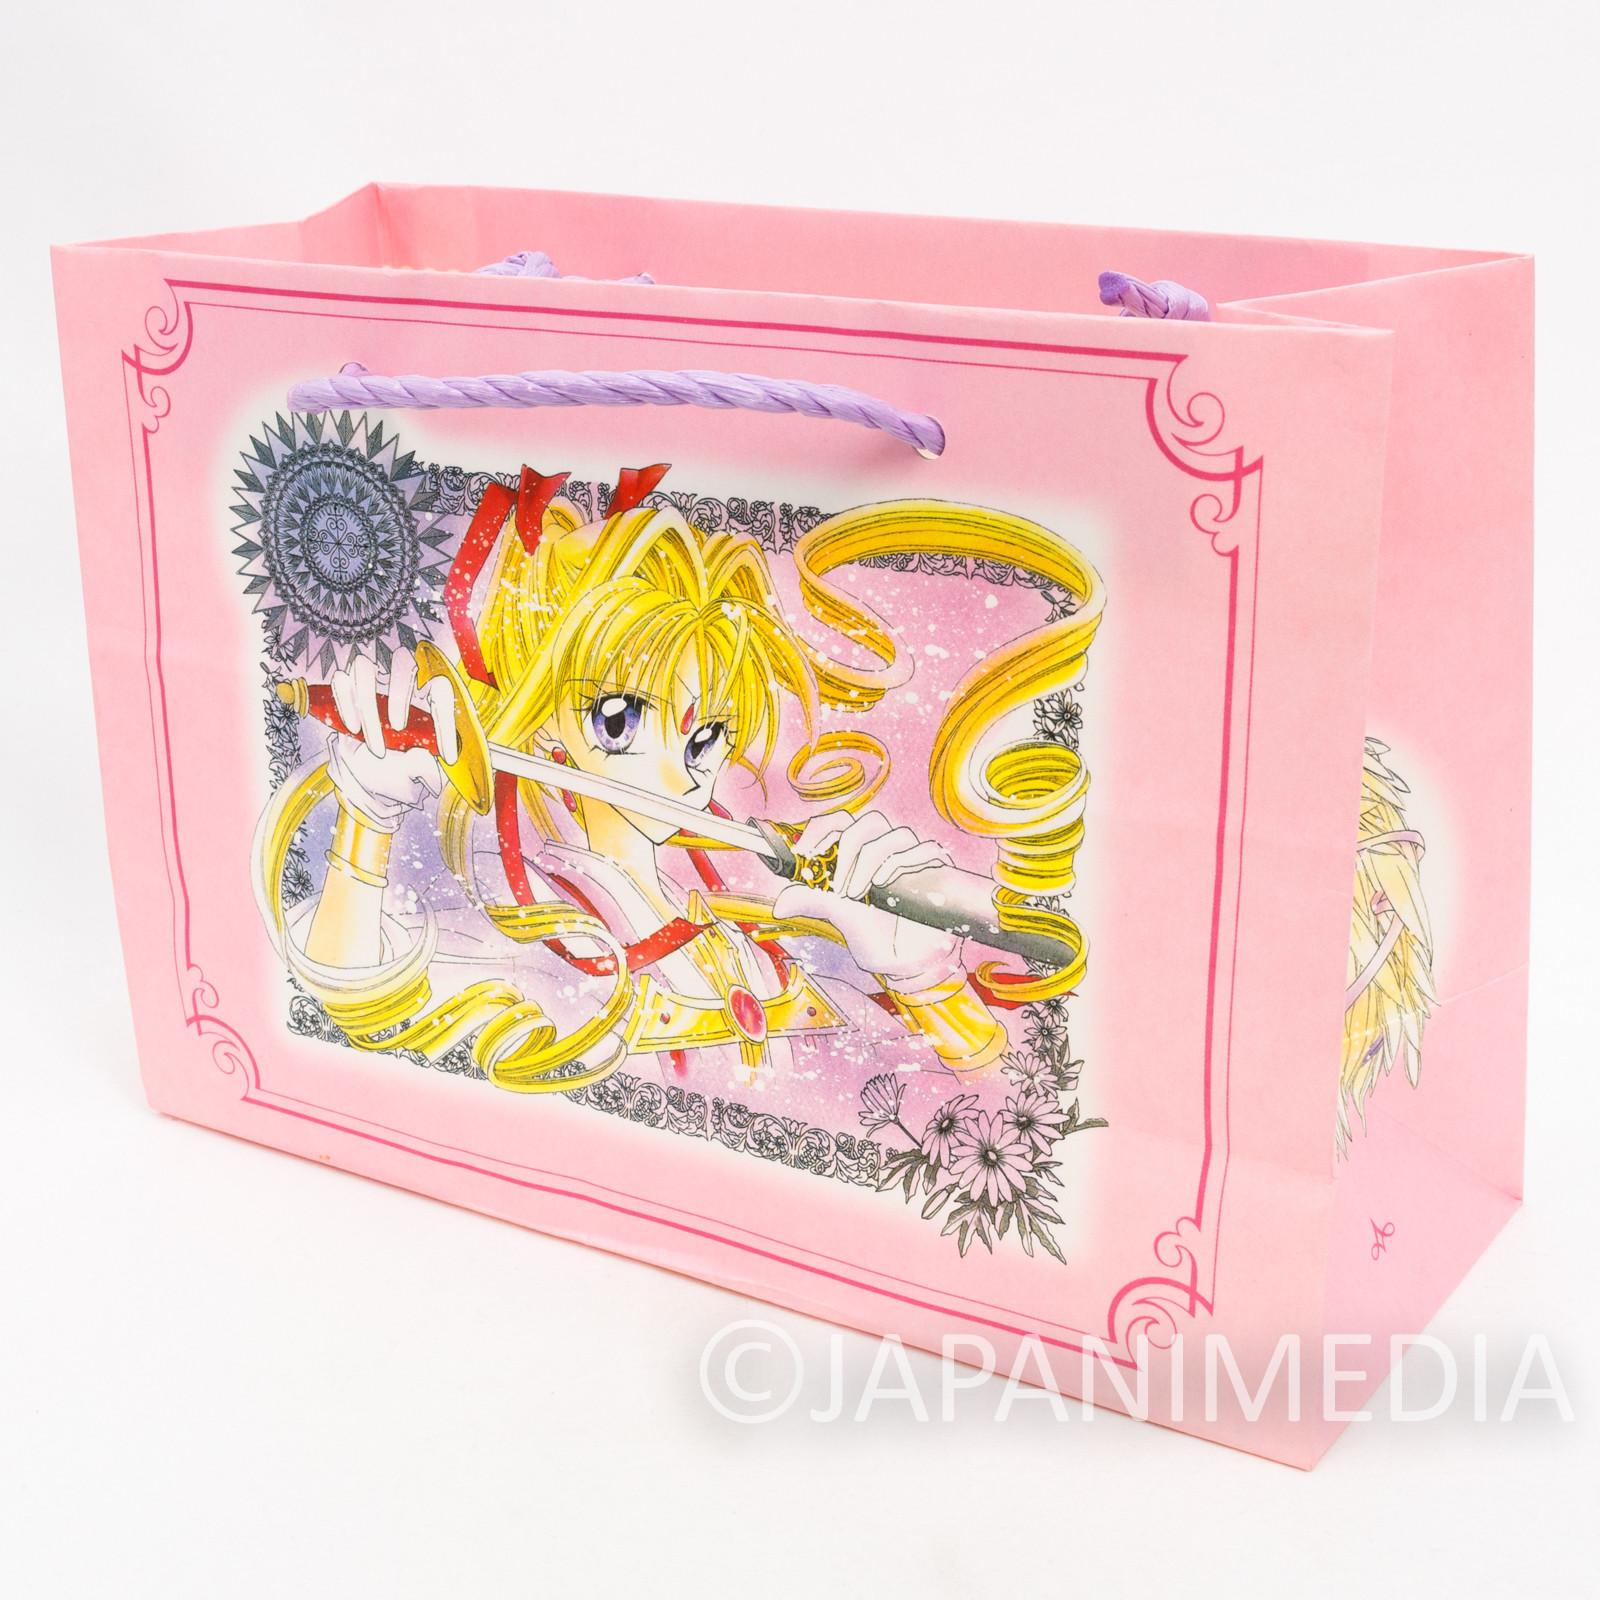 Kamikaze Kaitou Jeanne Romantic Paper Bag Maron Finn JAPAN ANIME MANGA